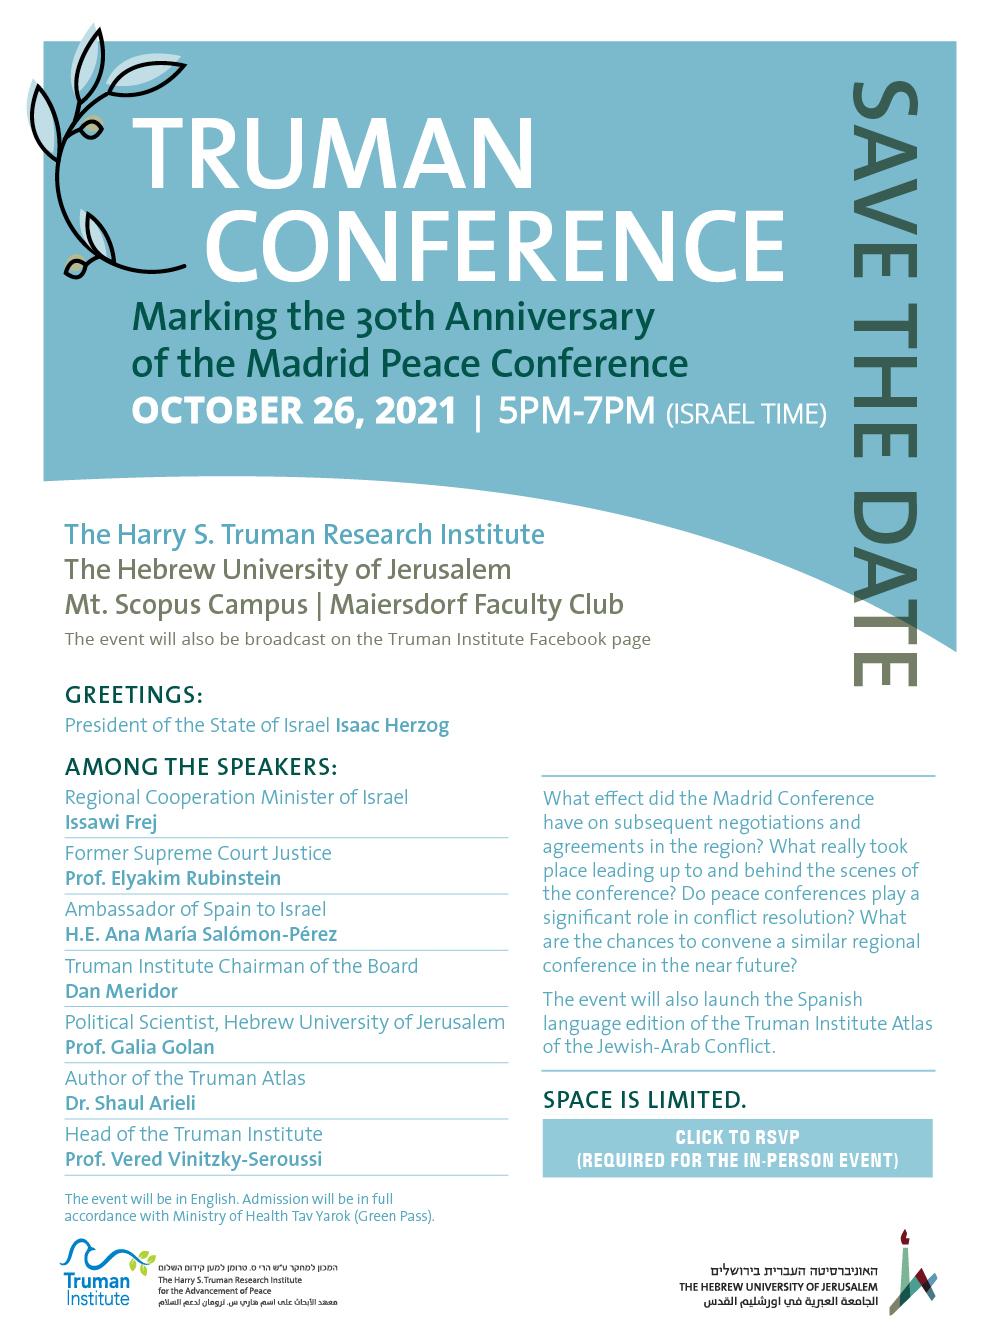 El Instituto Truman conmemora los 30 años de la Conferencia de Paz de Madrid